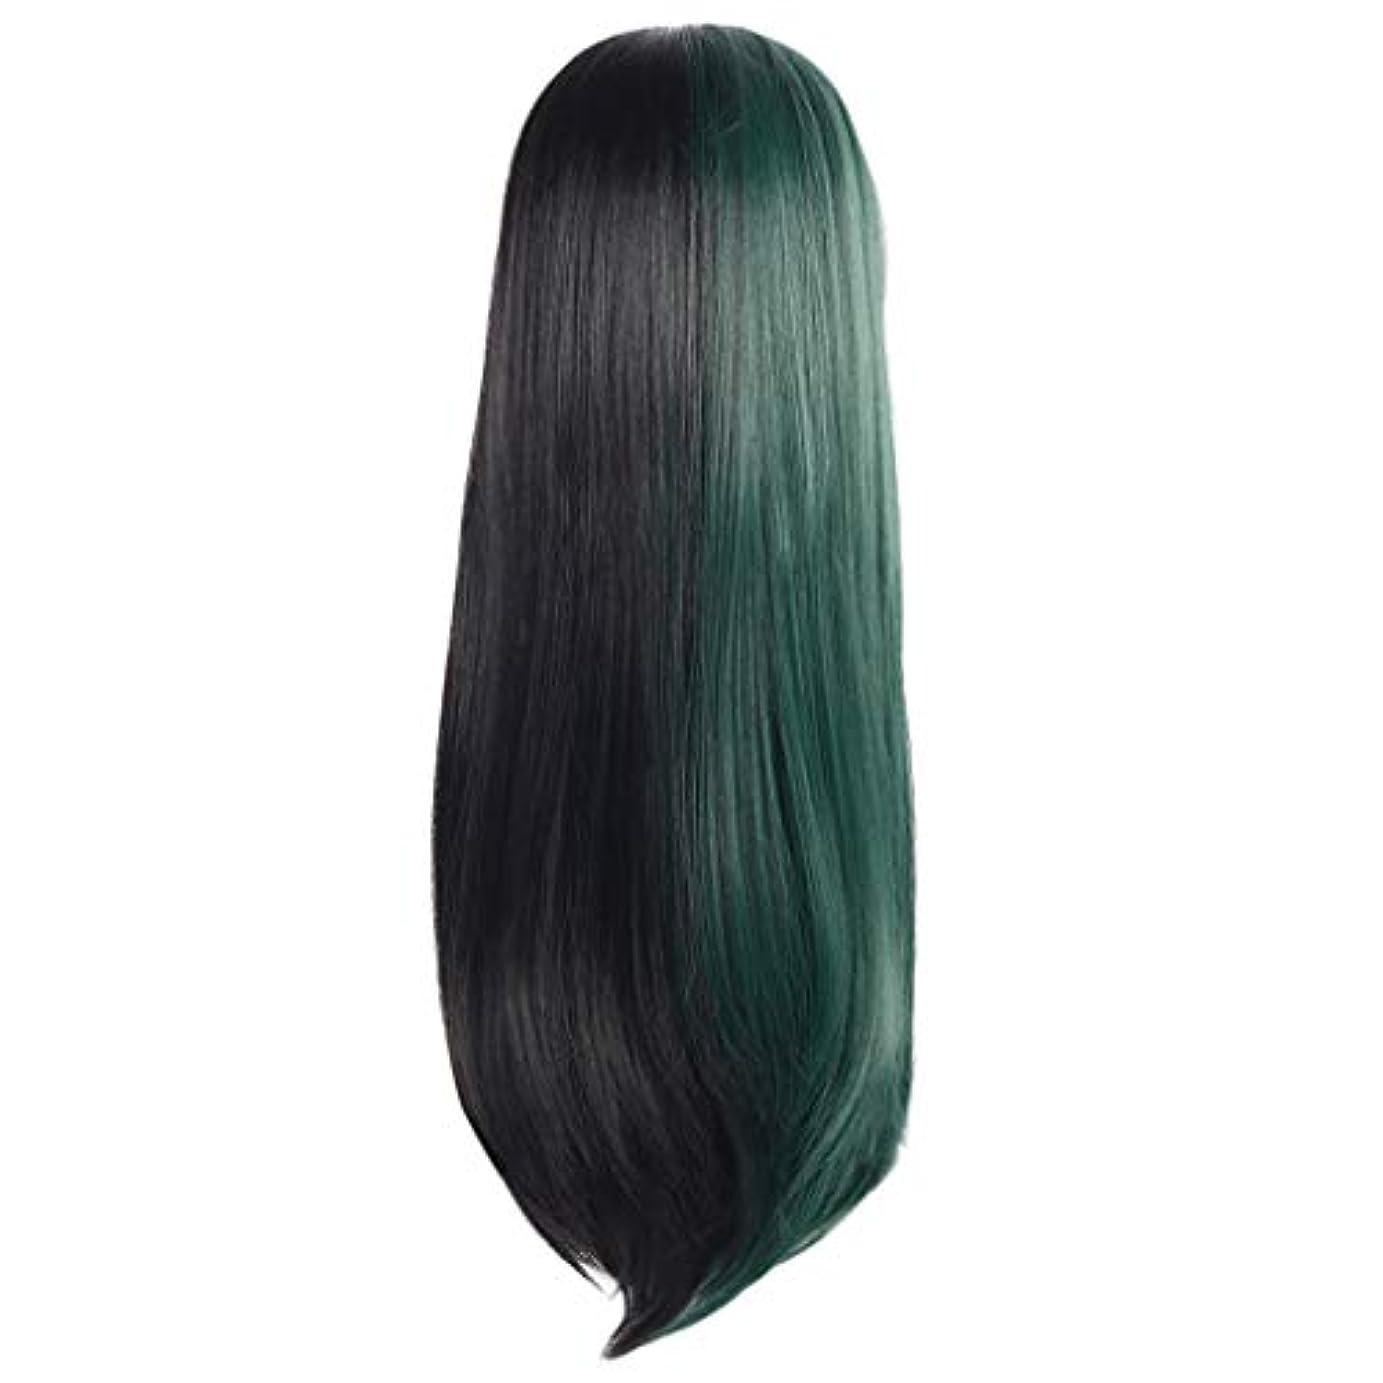 悪夢トラップ金銭的な女性の長いストレートの髪黒緑のかつら創造的な性格かつらローズネット